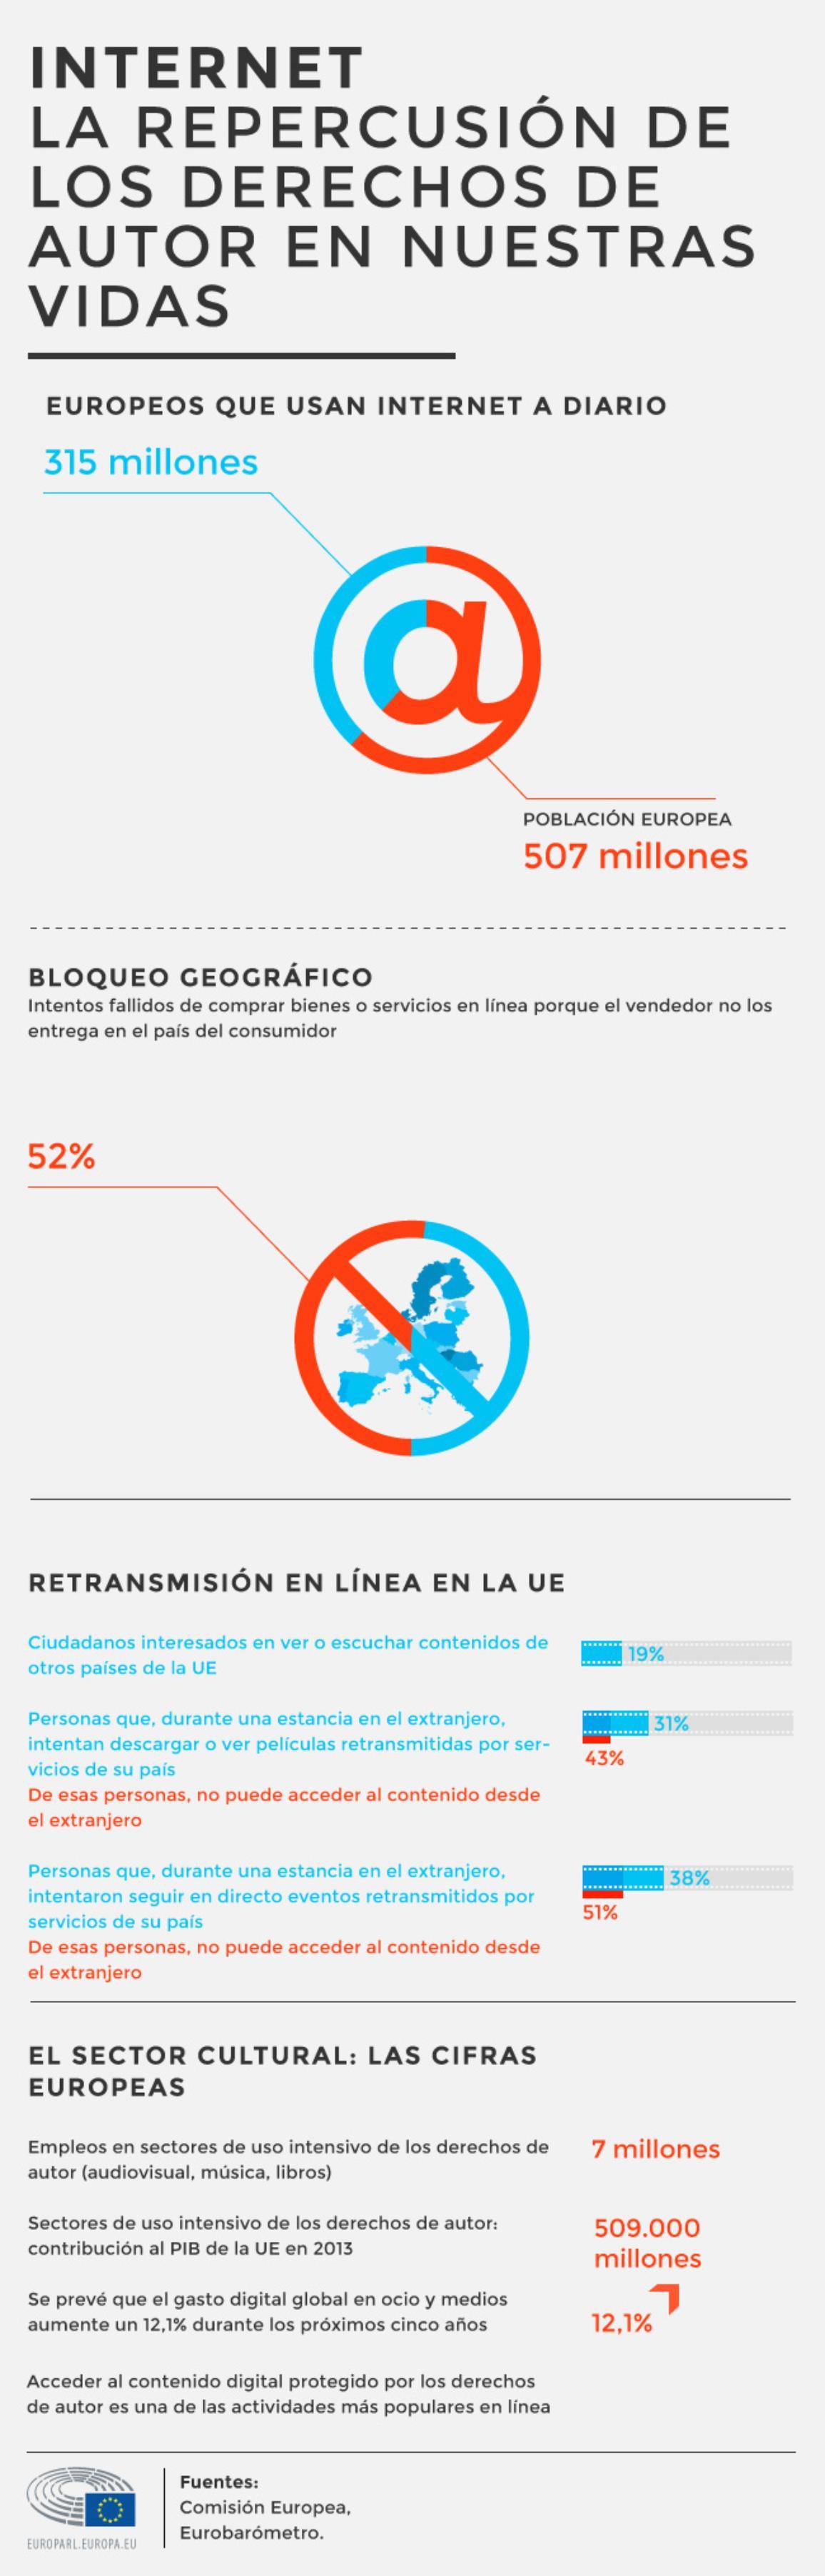 Consulte nuestra infografía sobre el uso de internet y los derechos de autor.